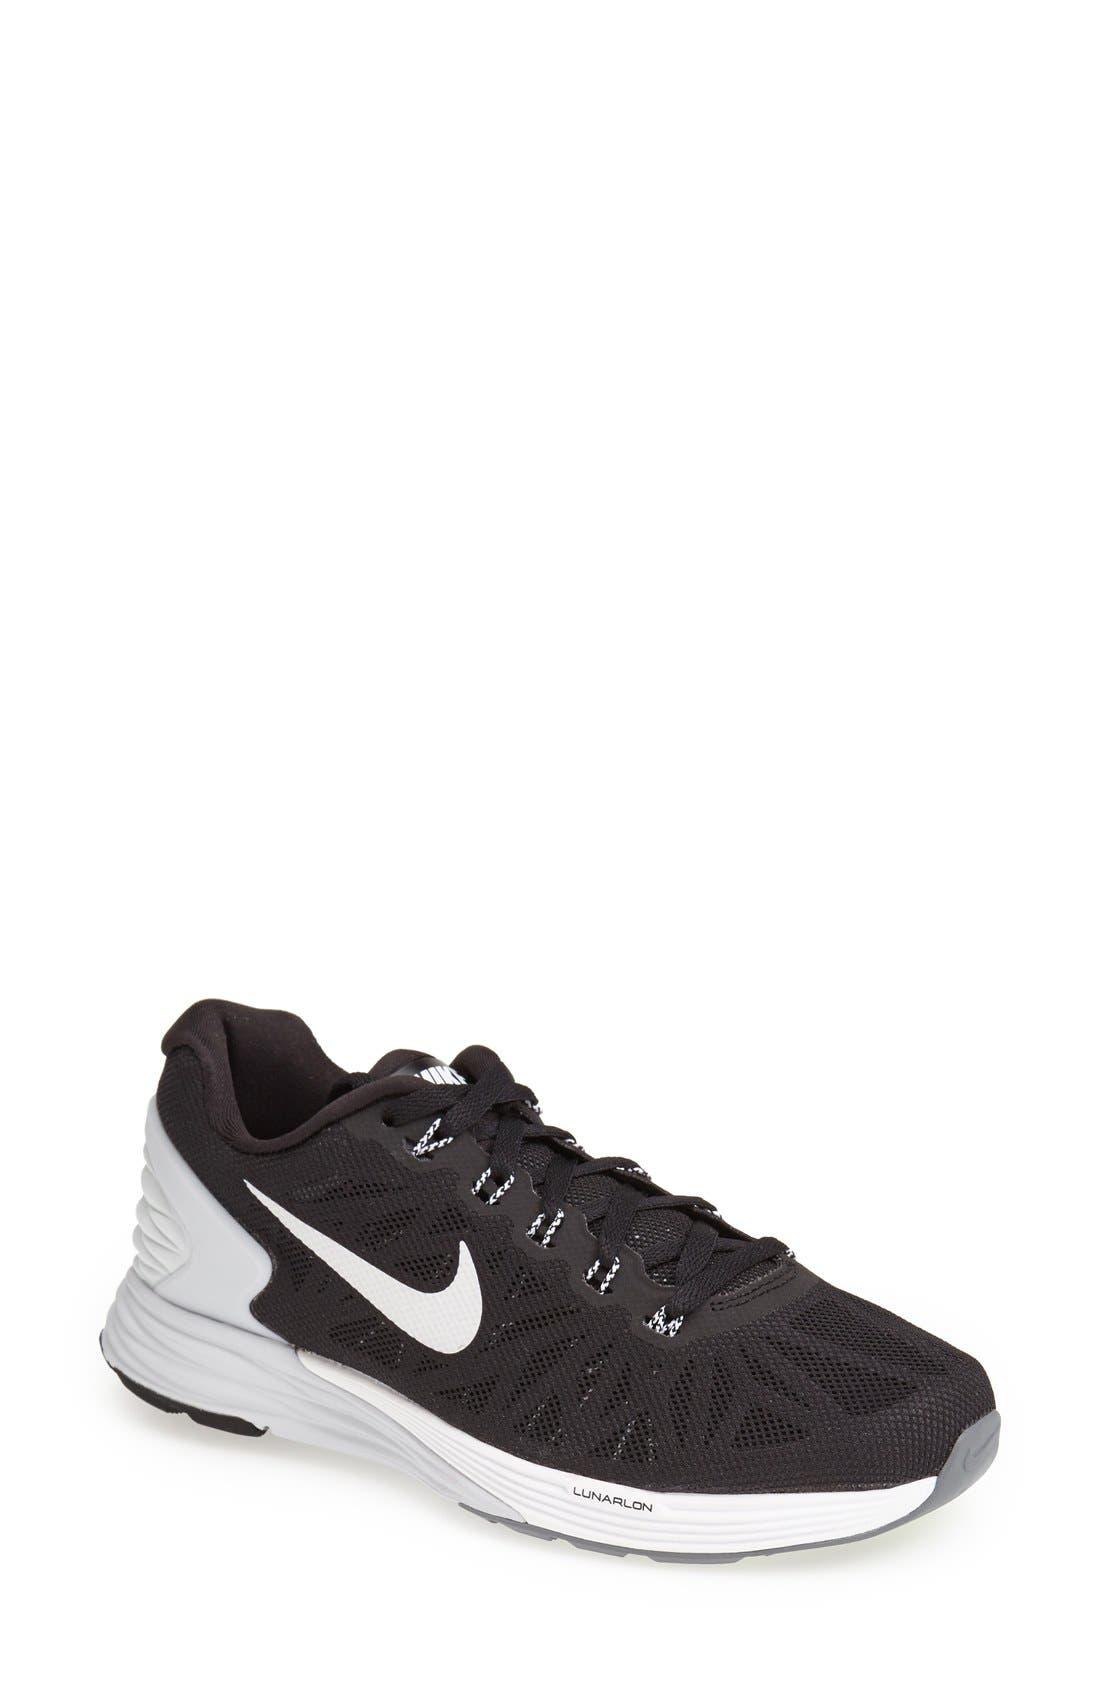 Main Image - Nike 'Lunarglide 6' Running Shoe (Women)